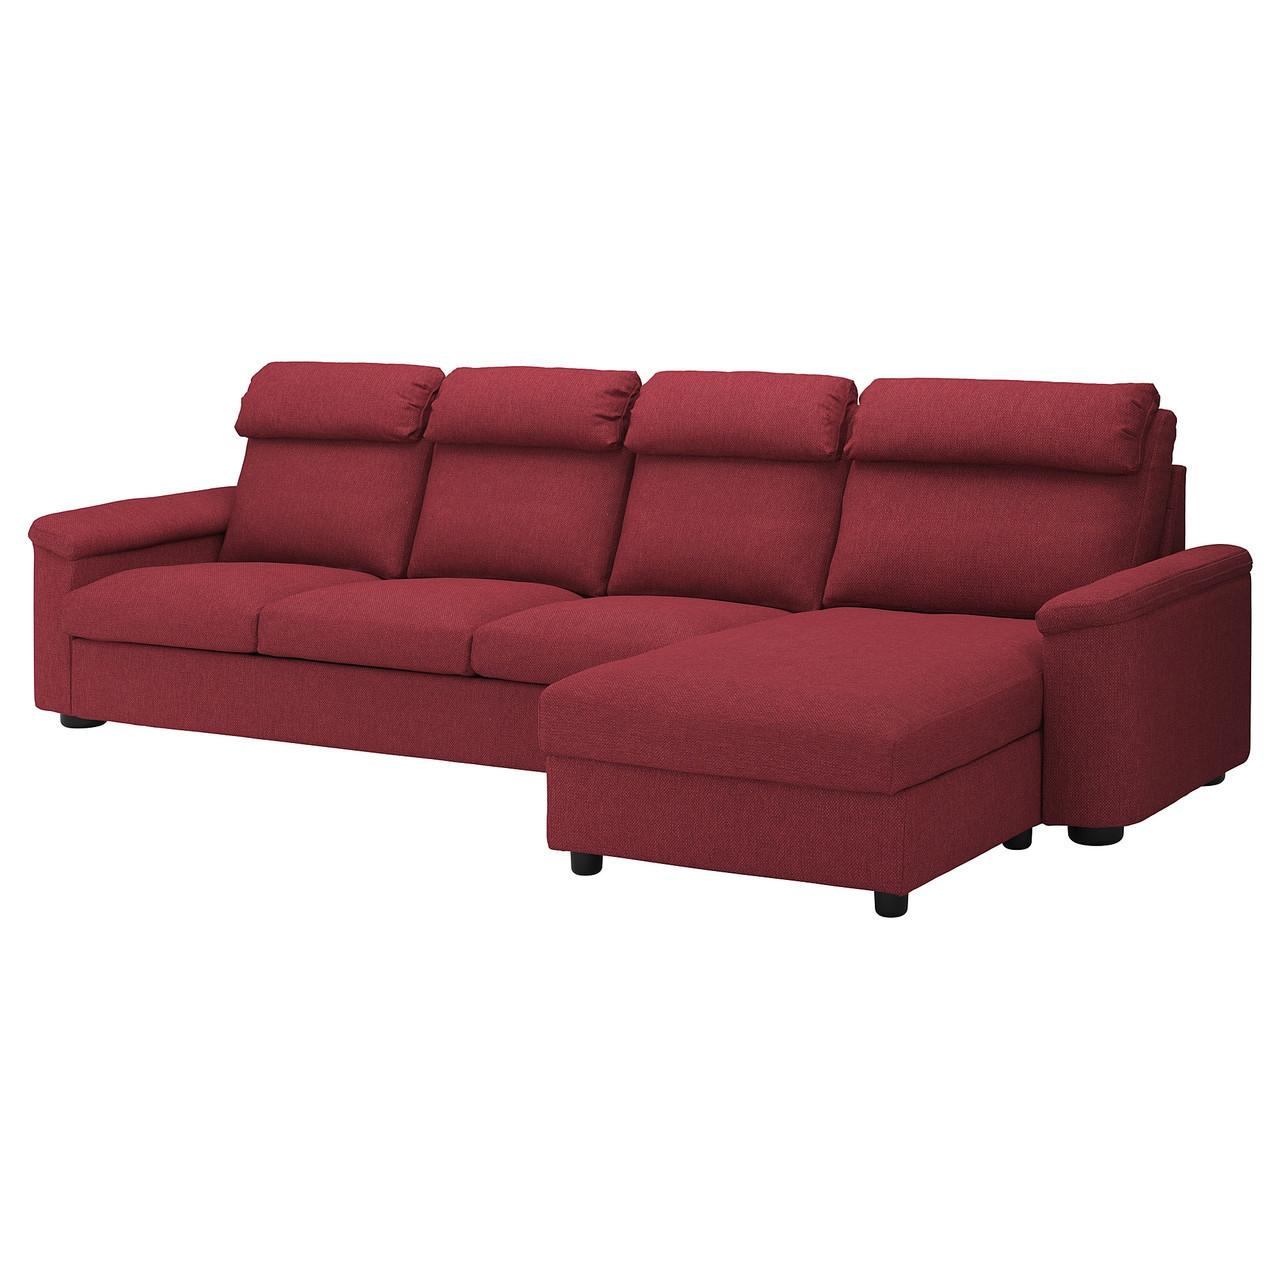 Диван IKEA LIDHULT 4-местный с шезлонгом Lejde бордовый 292.920.60